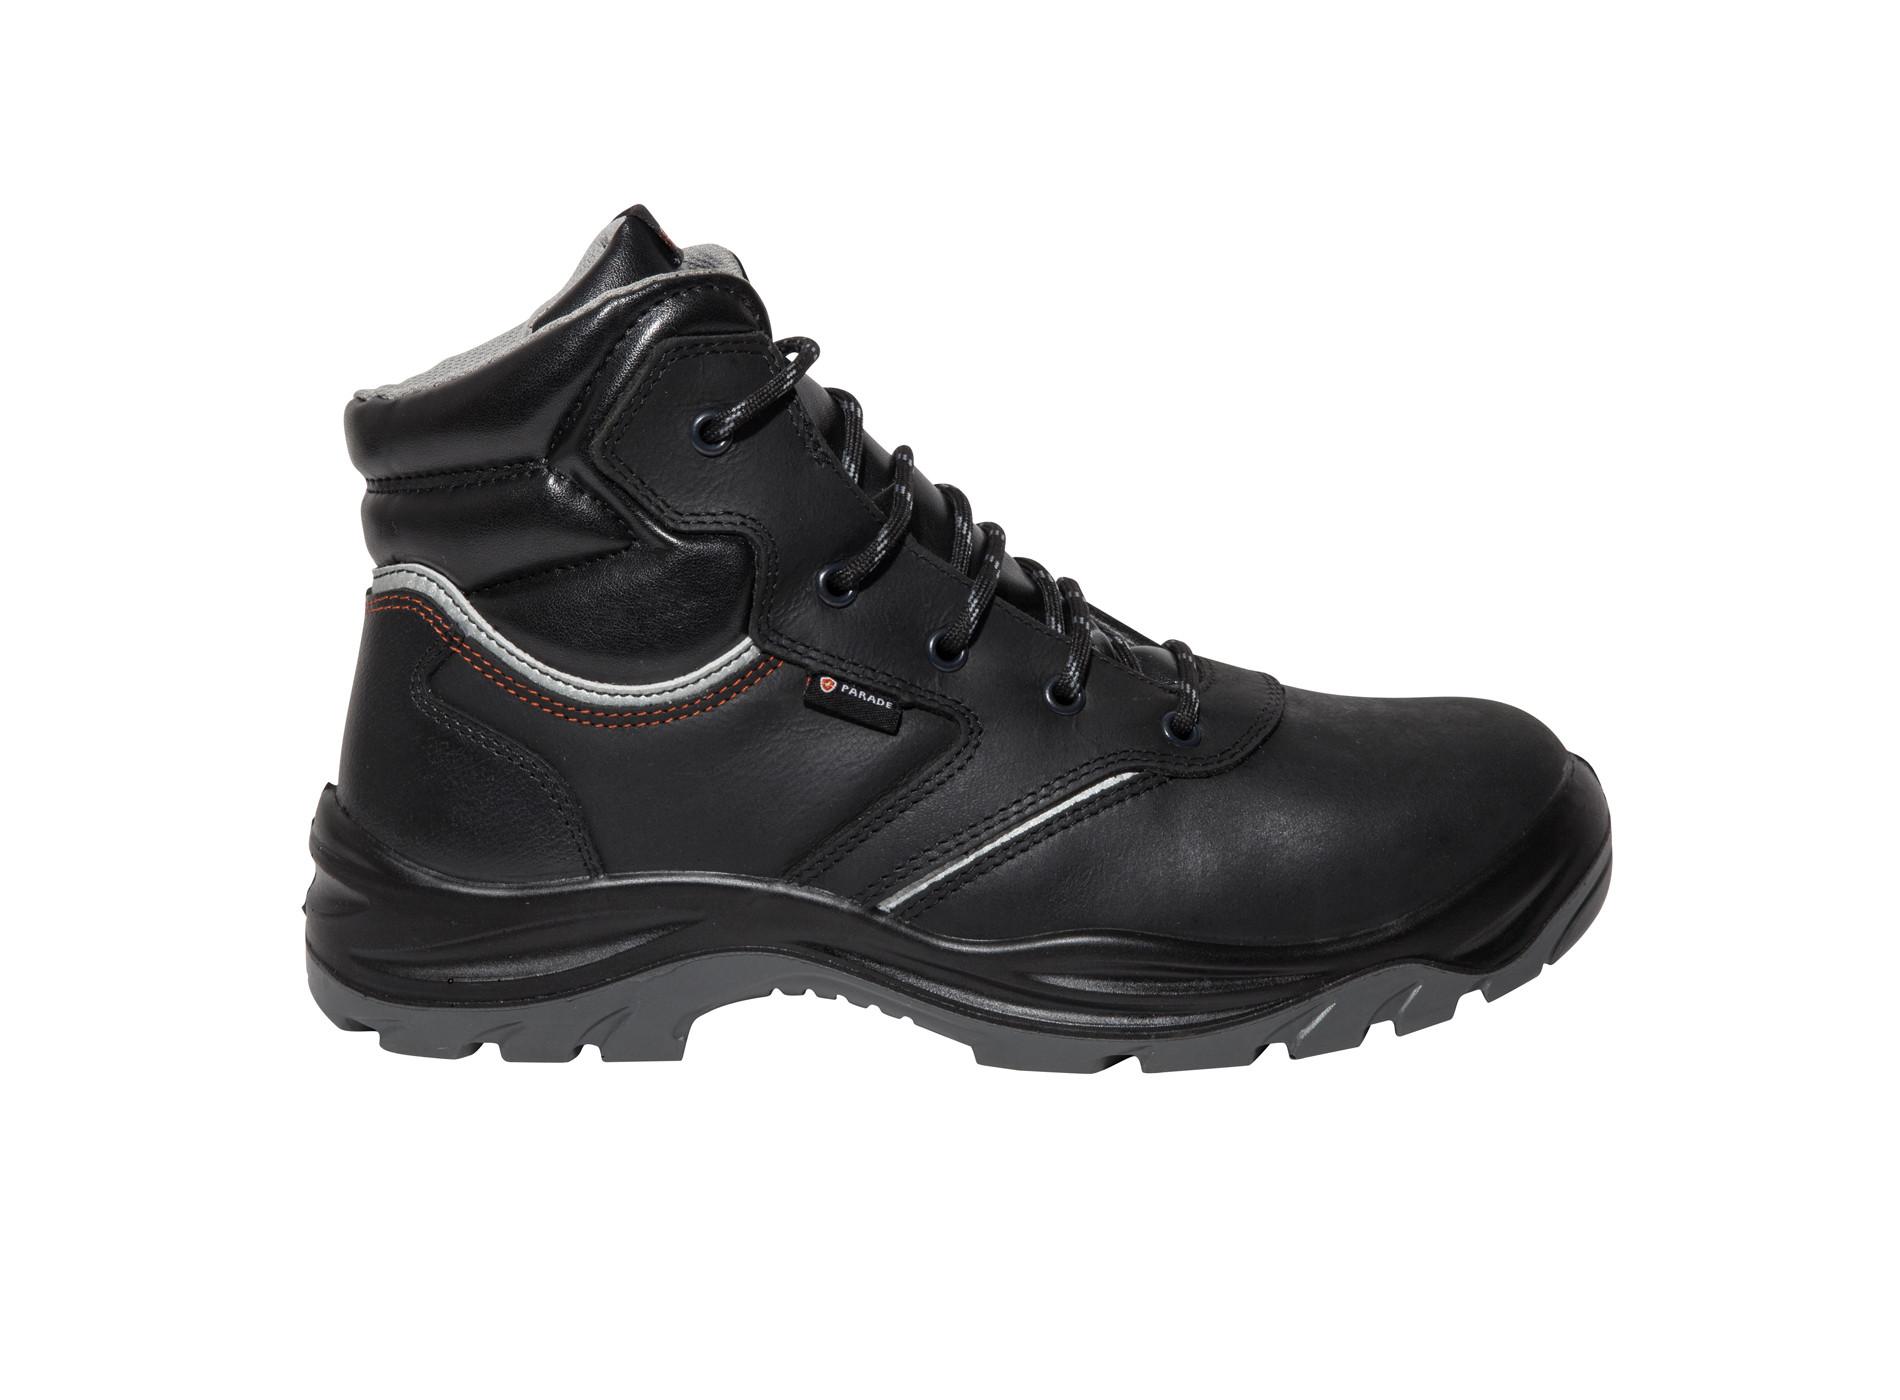 Chaussures de sécurité à crampons S3 SYLTA